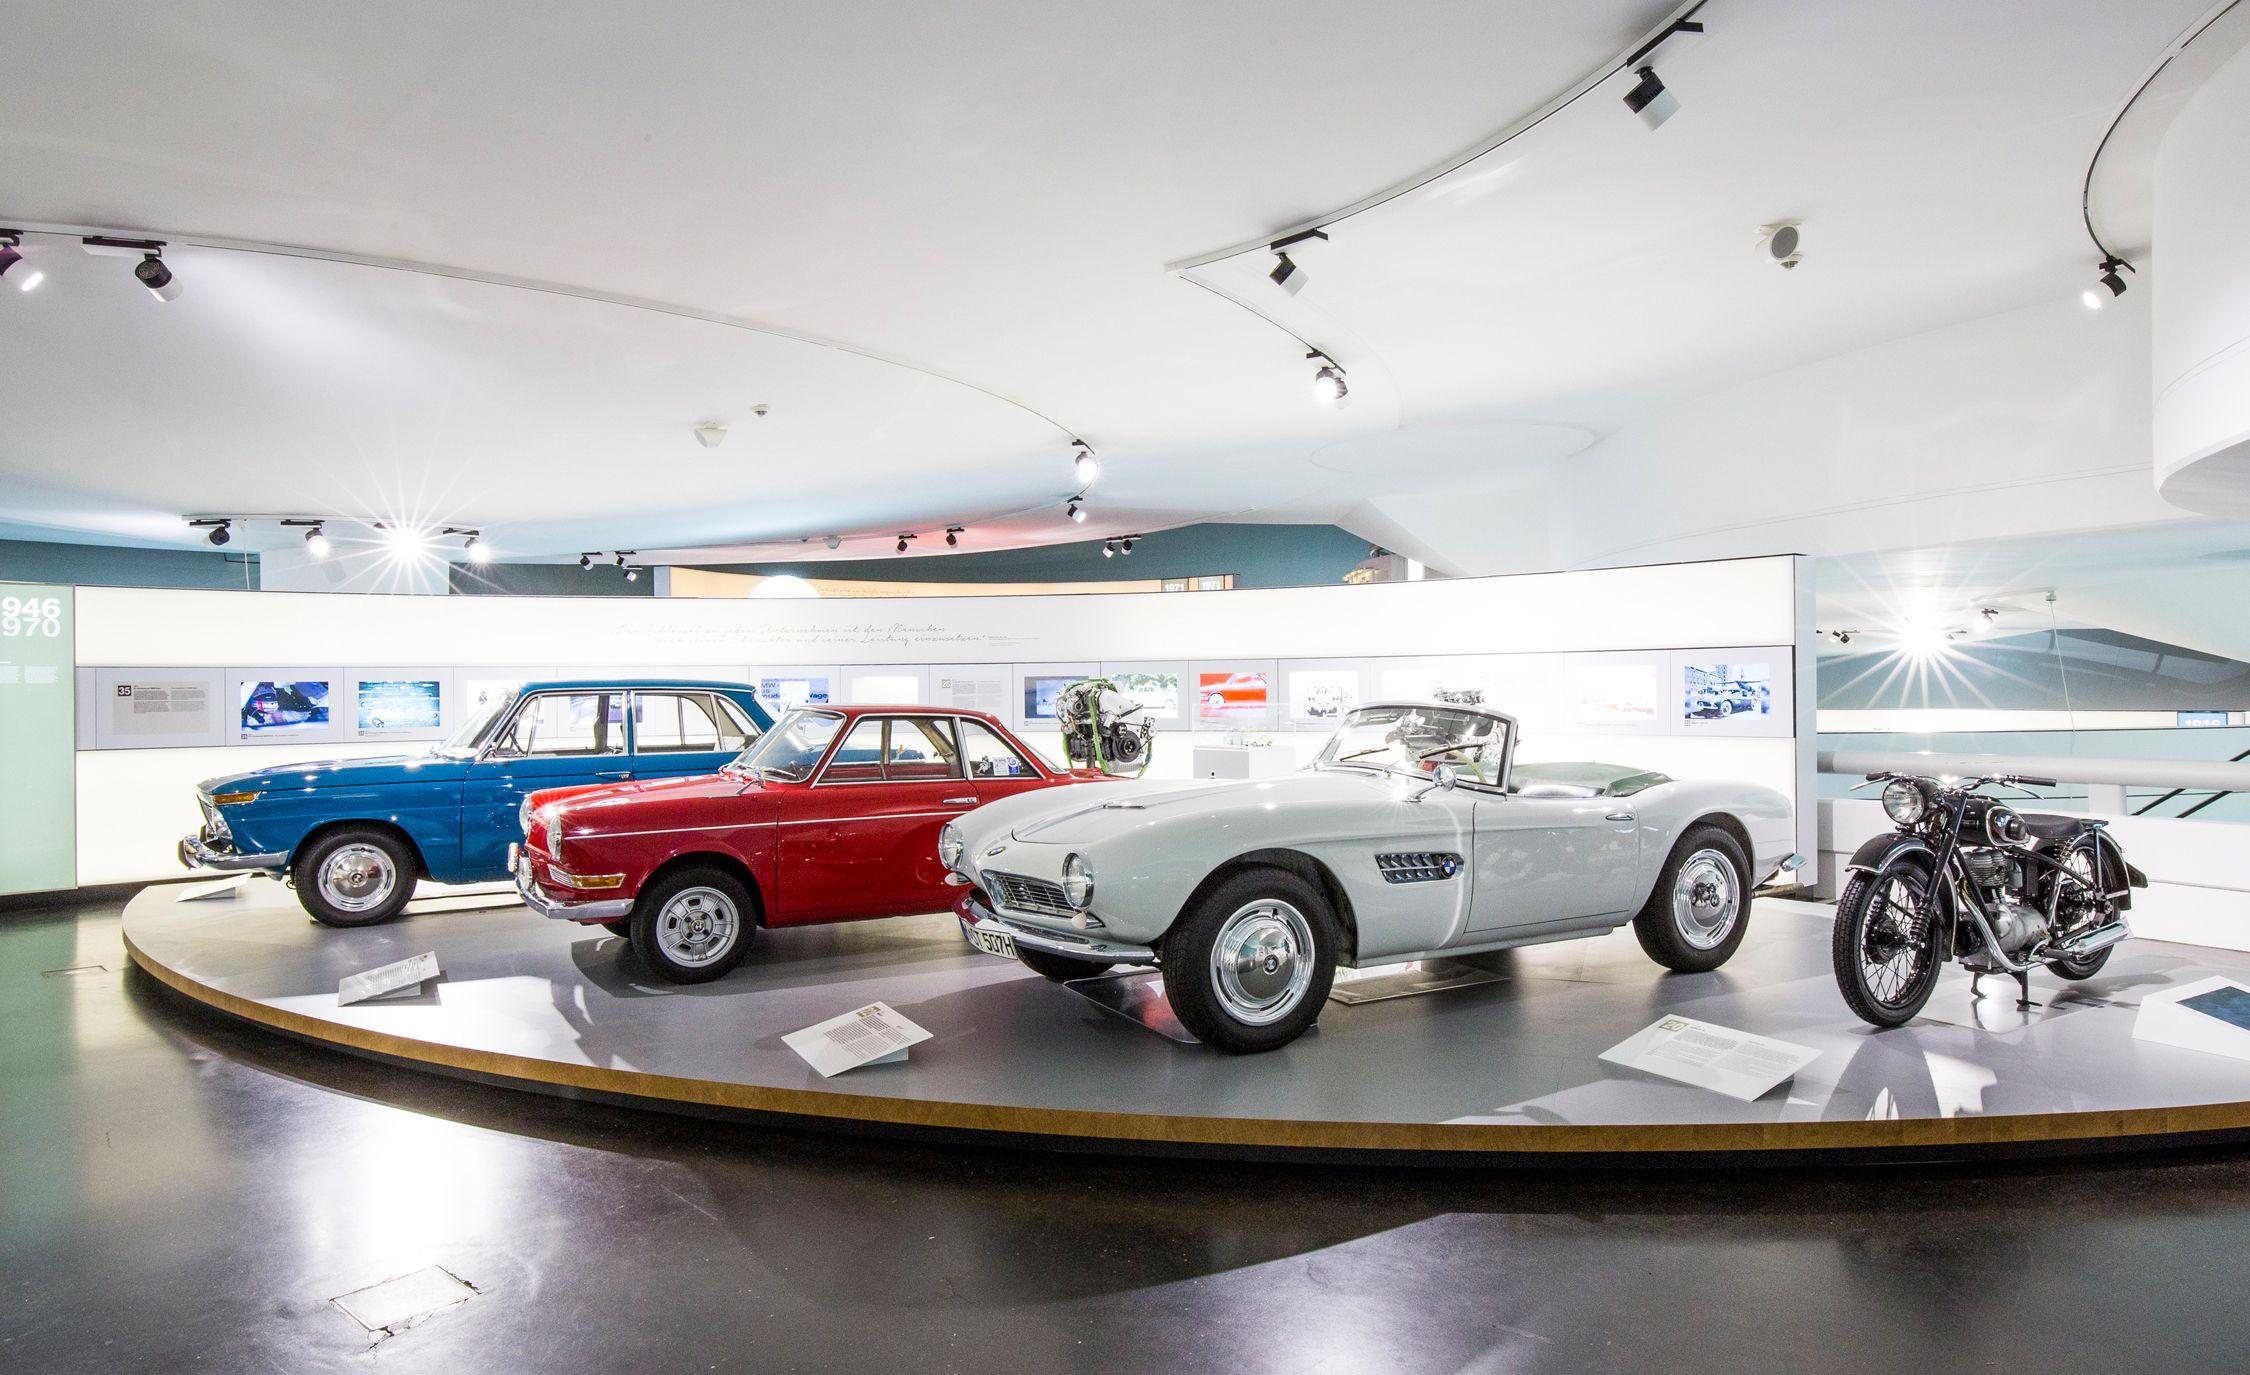 Großzügig Car Show Flieger Schablone Bilder - FORTSETZUNG ...